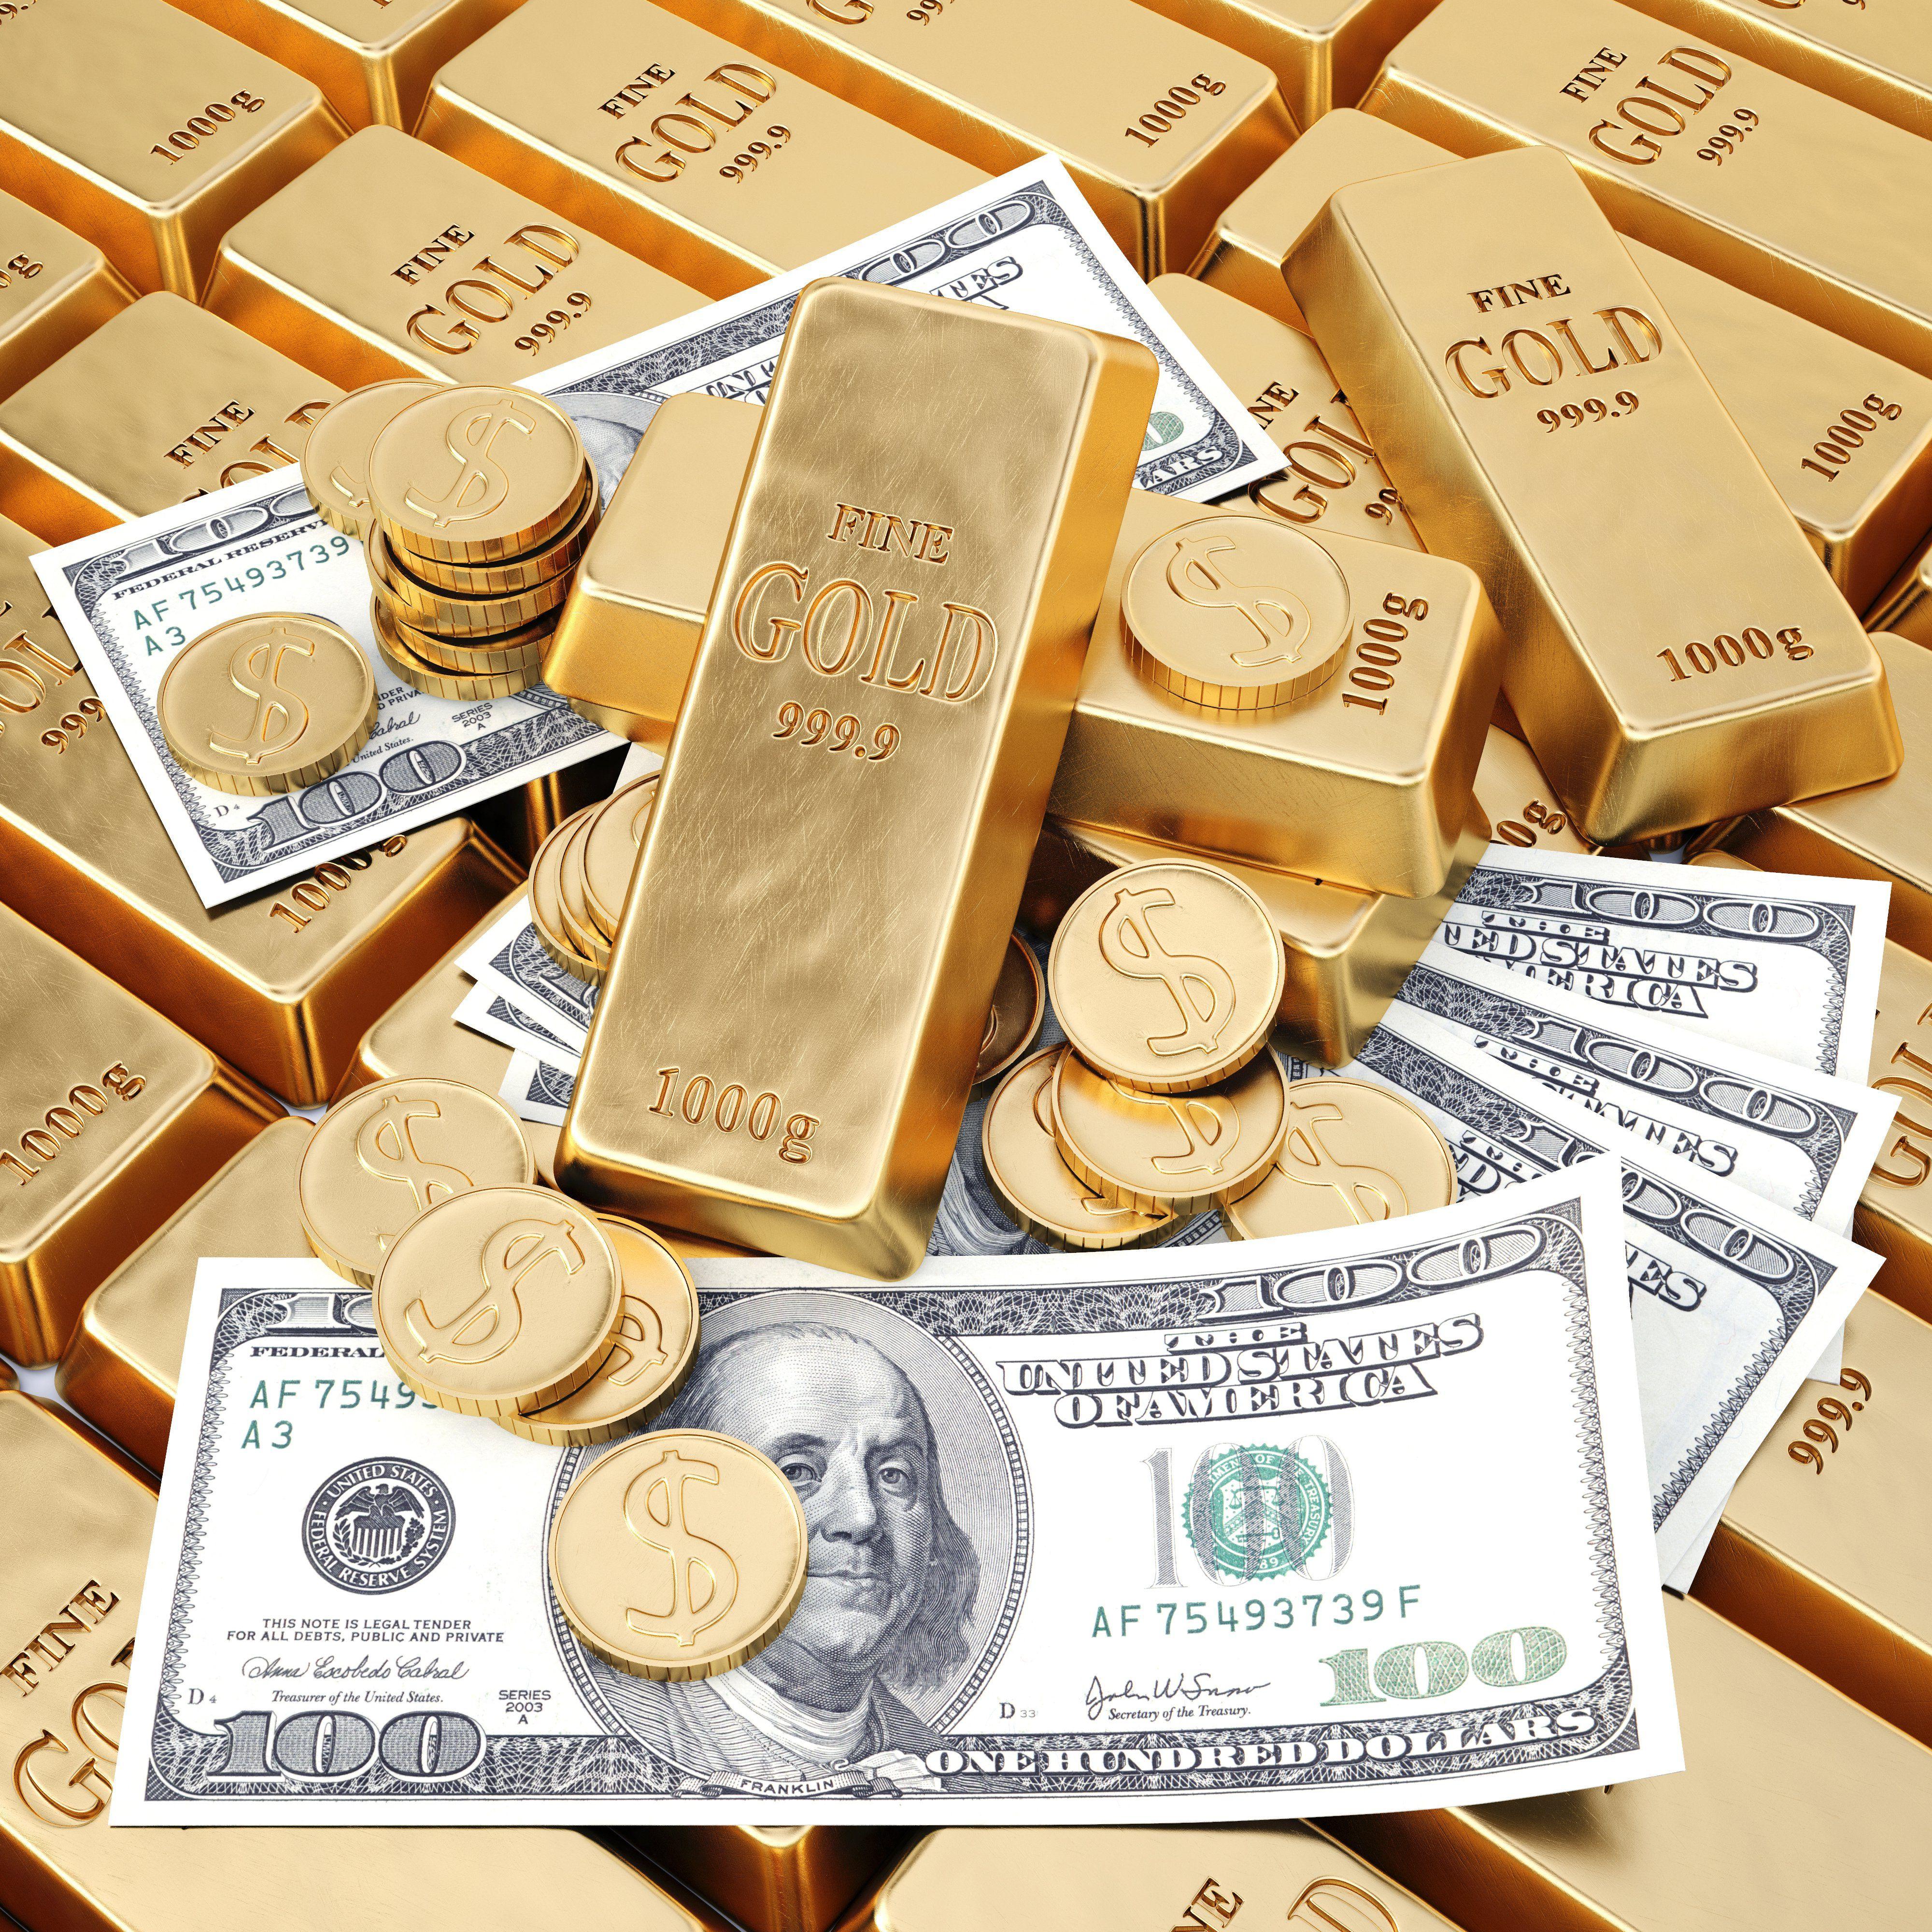 обои на рабочий стол деньги золото и кристаллы скачать бесплатно № 8631 загрузить